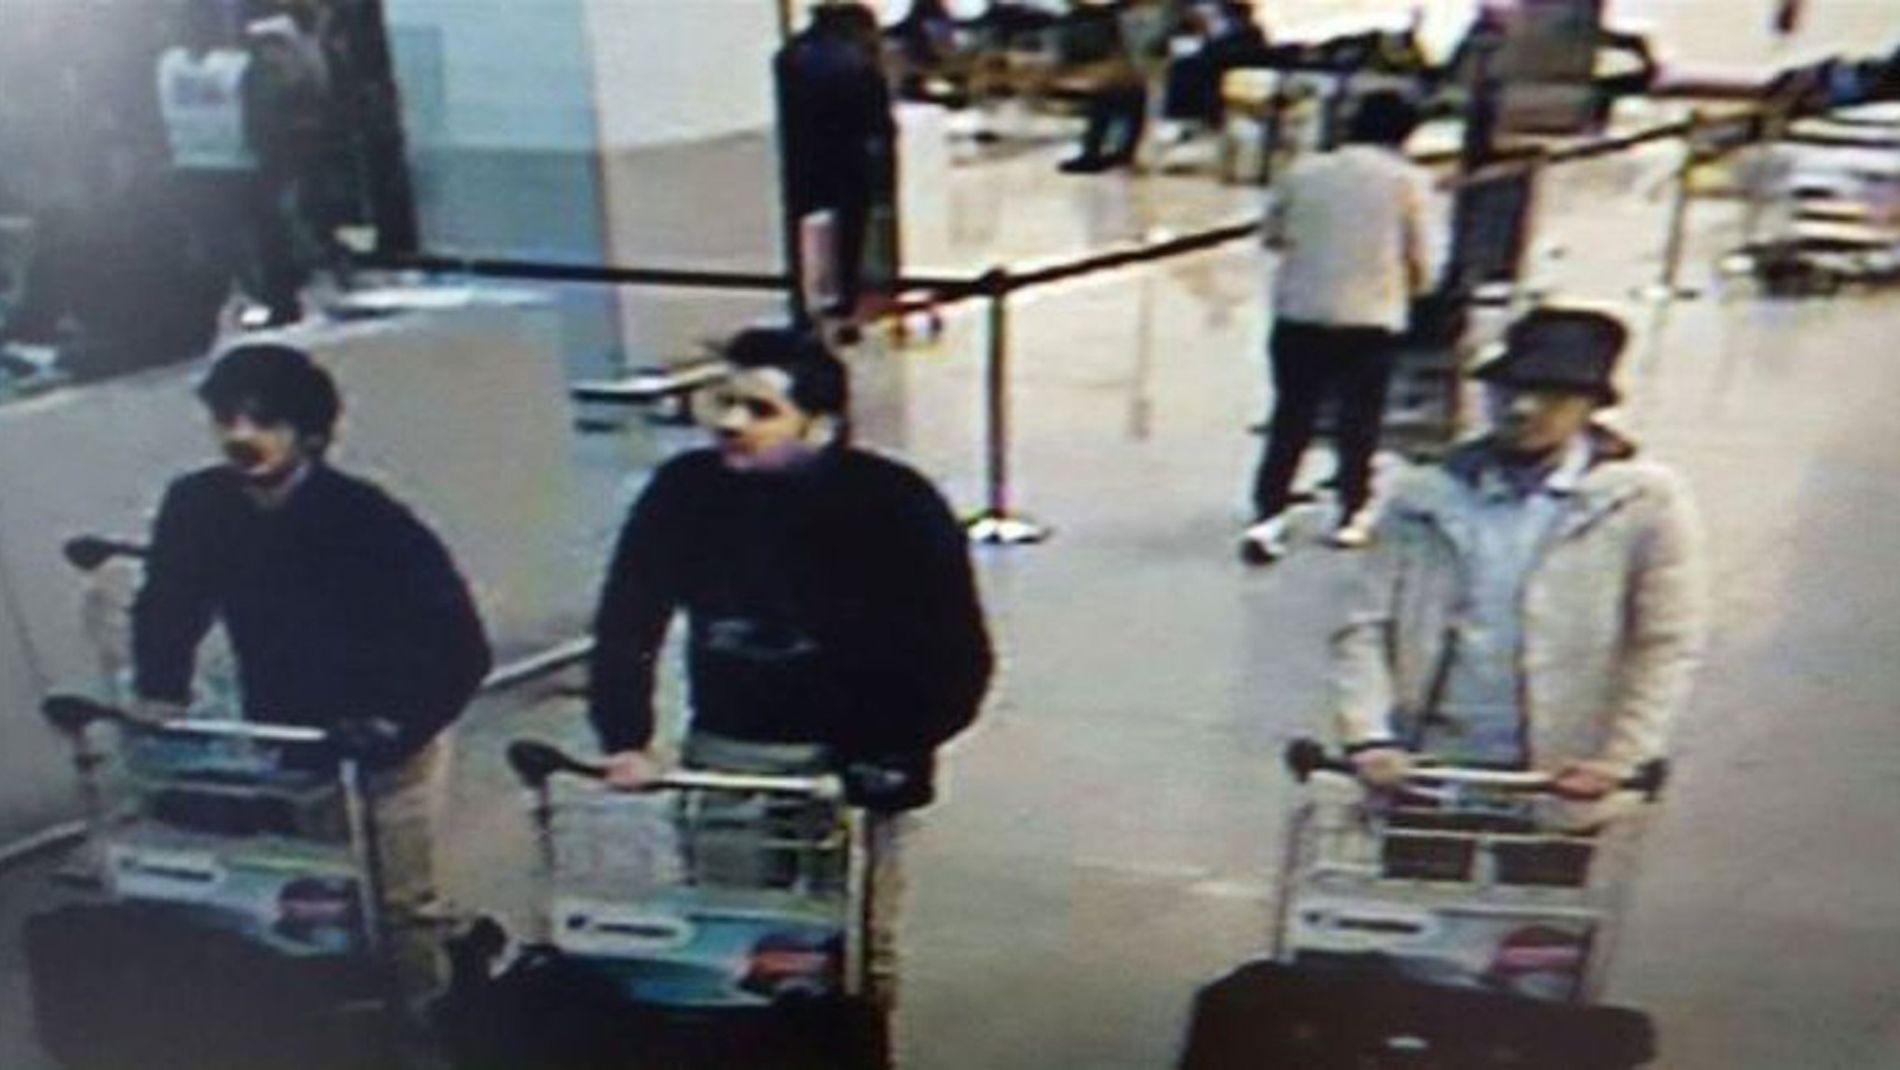 OVERVÅKNINGSBILDE: Dette bildet viser ifølge belgisk politi mennene bak flyplassbombene. De to til venstre skal ha sprengt seg selv i luften, mens mannen til høyre skal ha kommet seg unna.